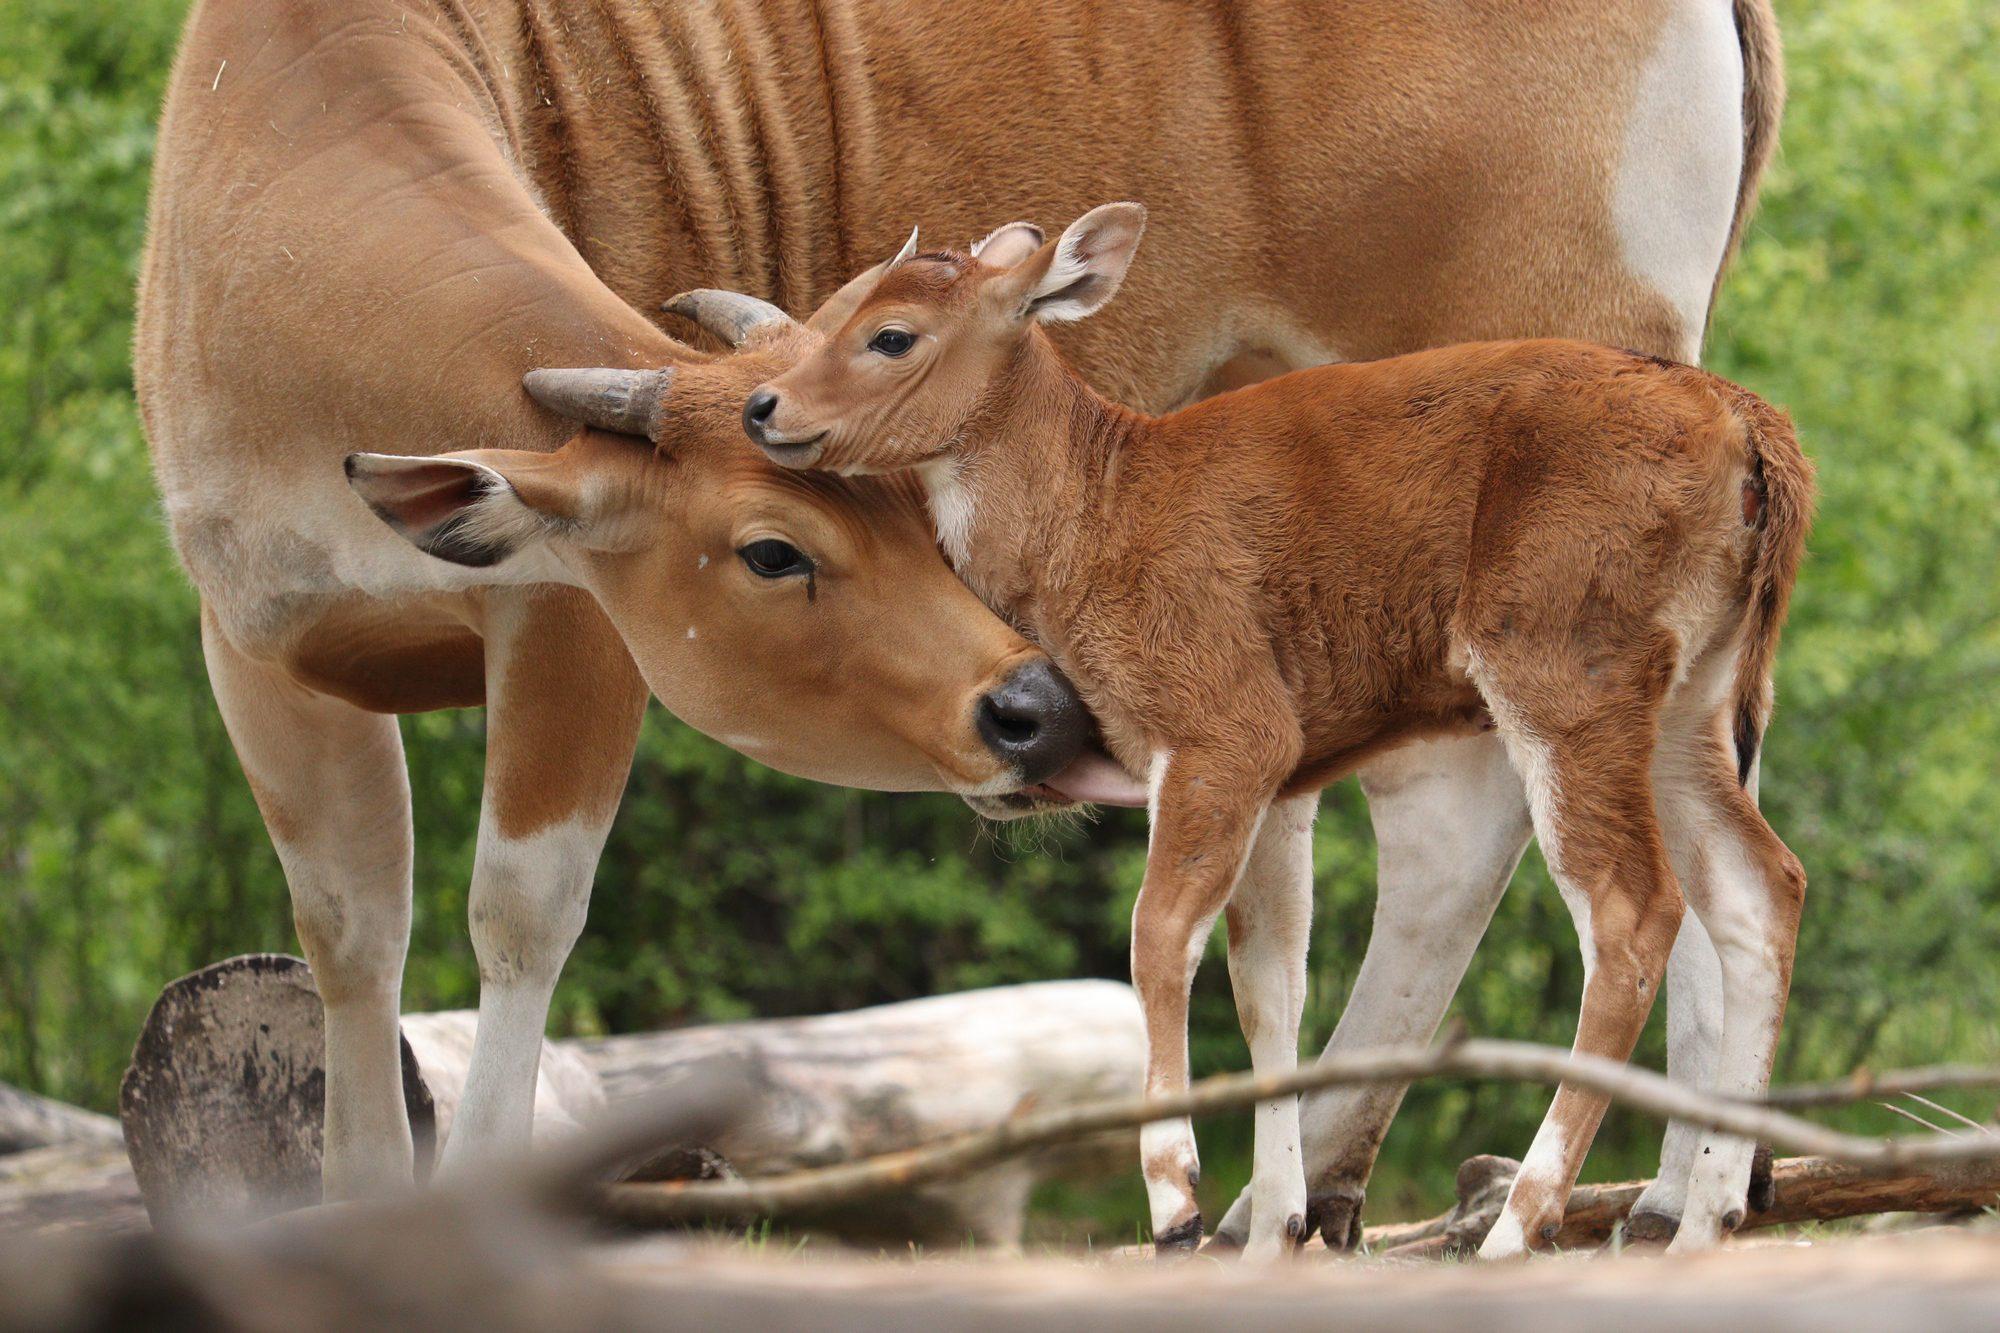 Java Banteng-Kalb mit Mutter im Tierpark Hellabrunn